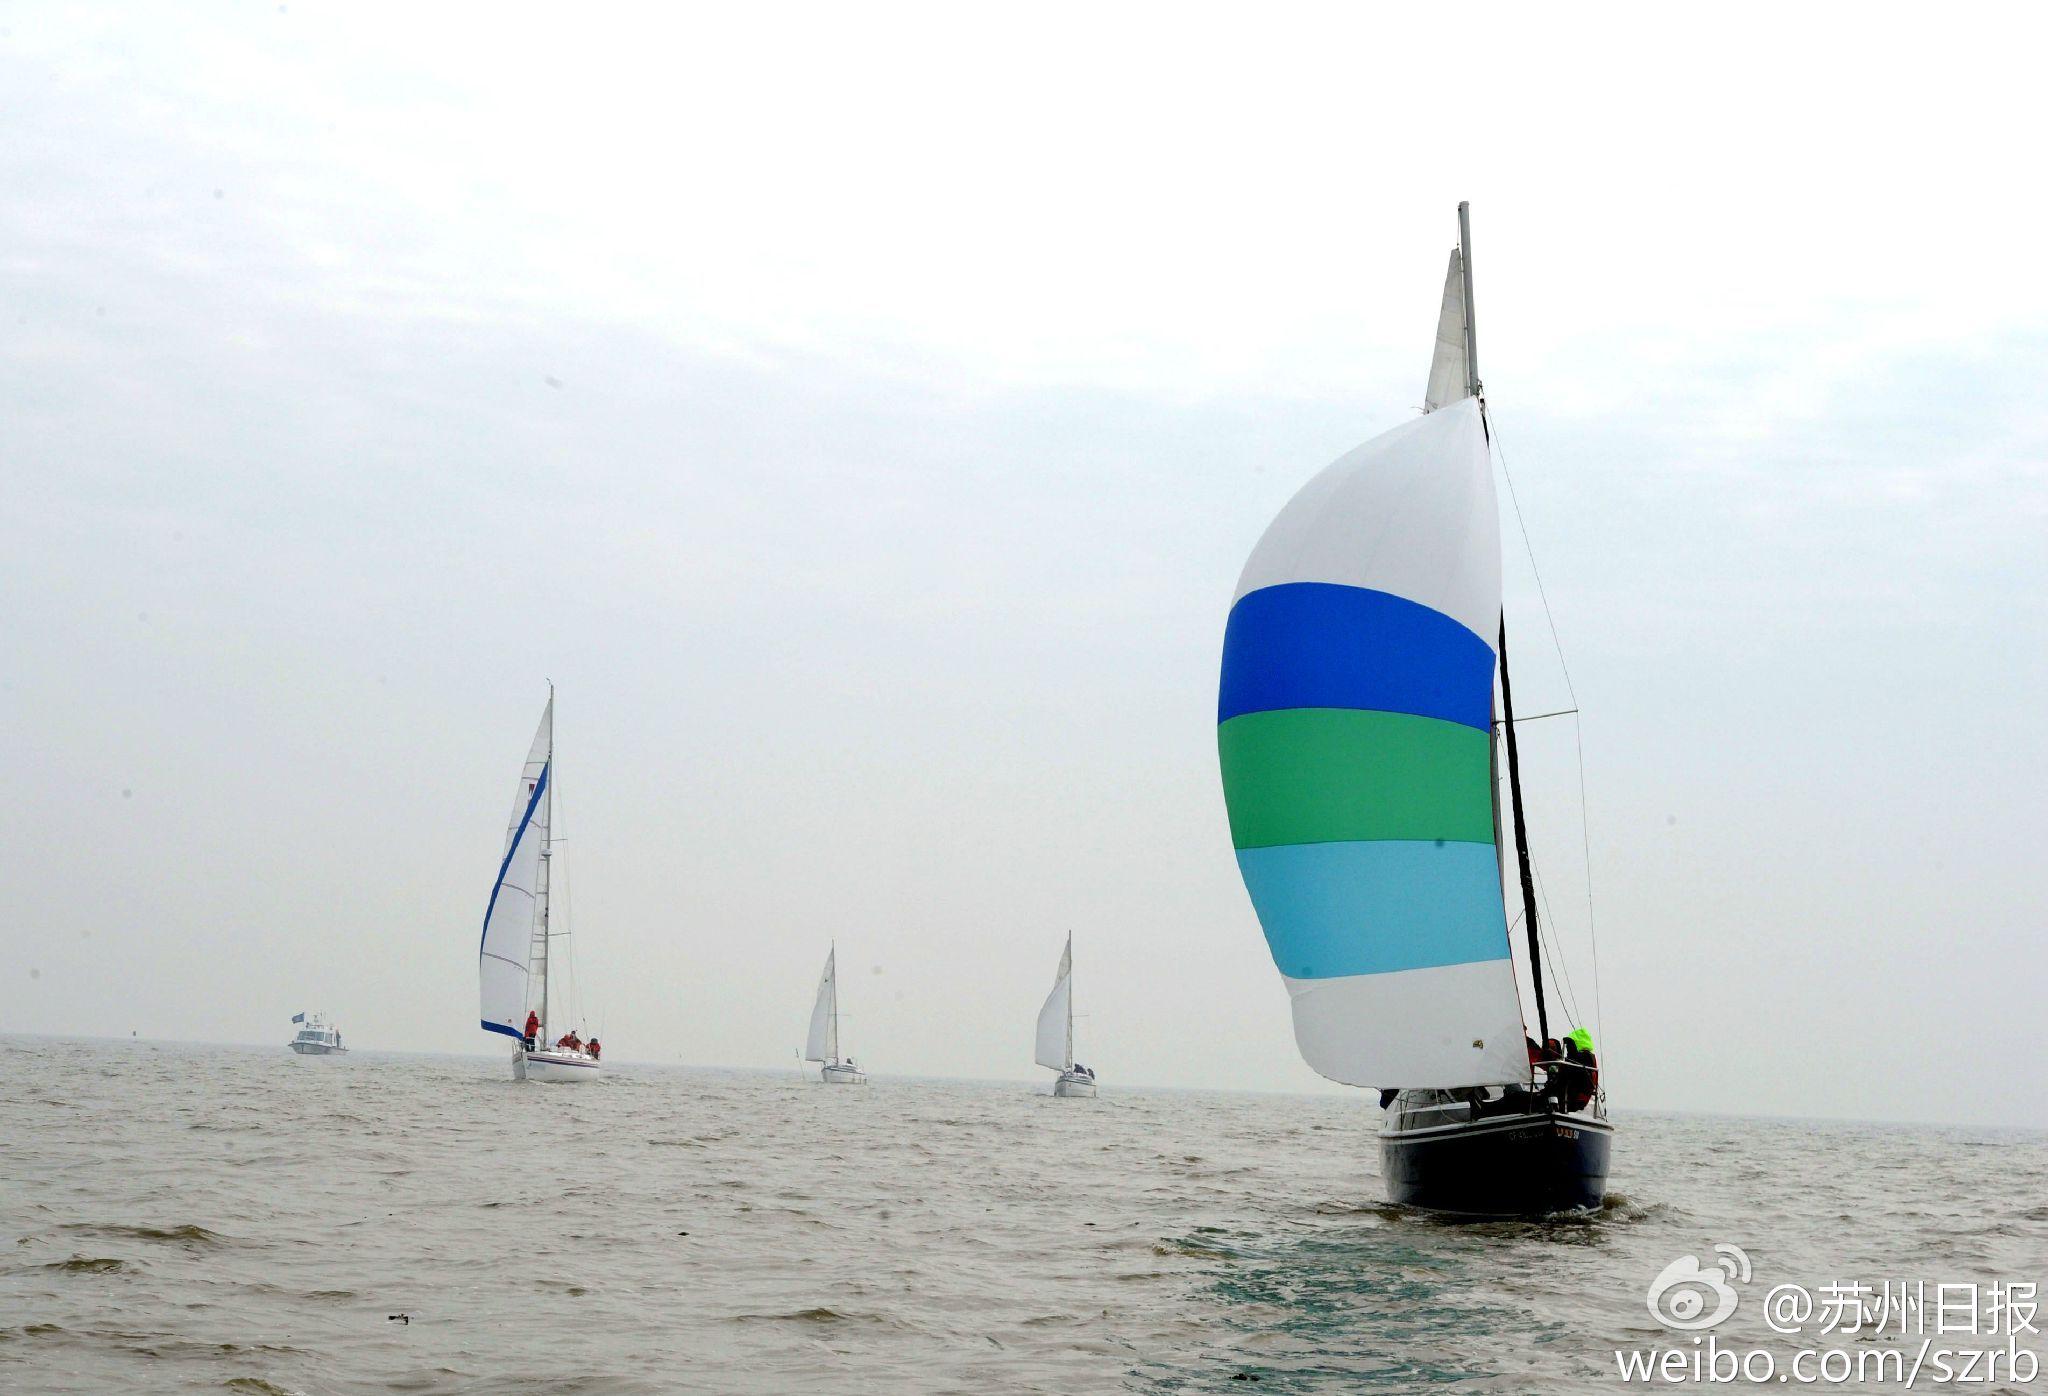 浙江湖州,江苏省,有限公司,帆船运动,卡特琳娜 太湖水域首个帆船比赛环太湖帆船拉力赛扬帆 3.jpg